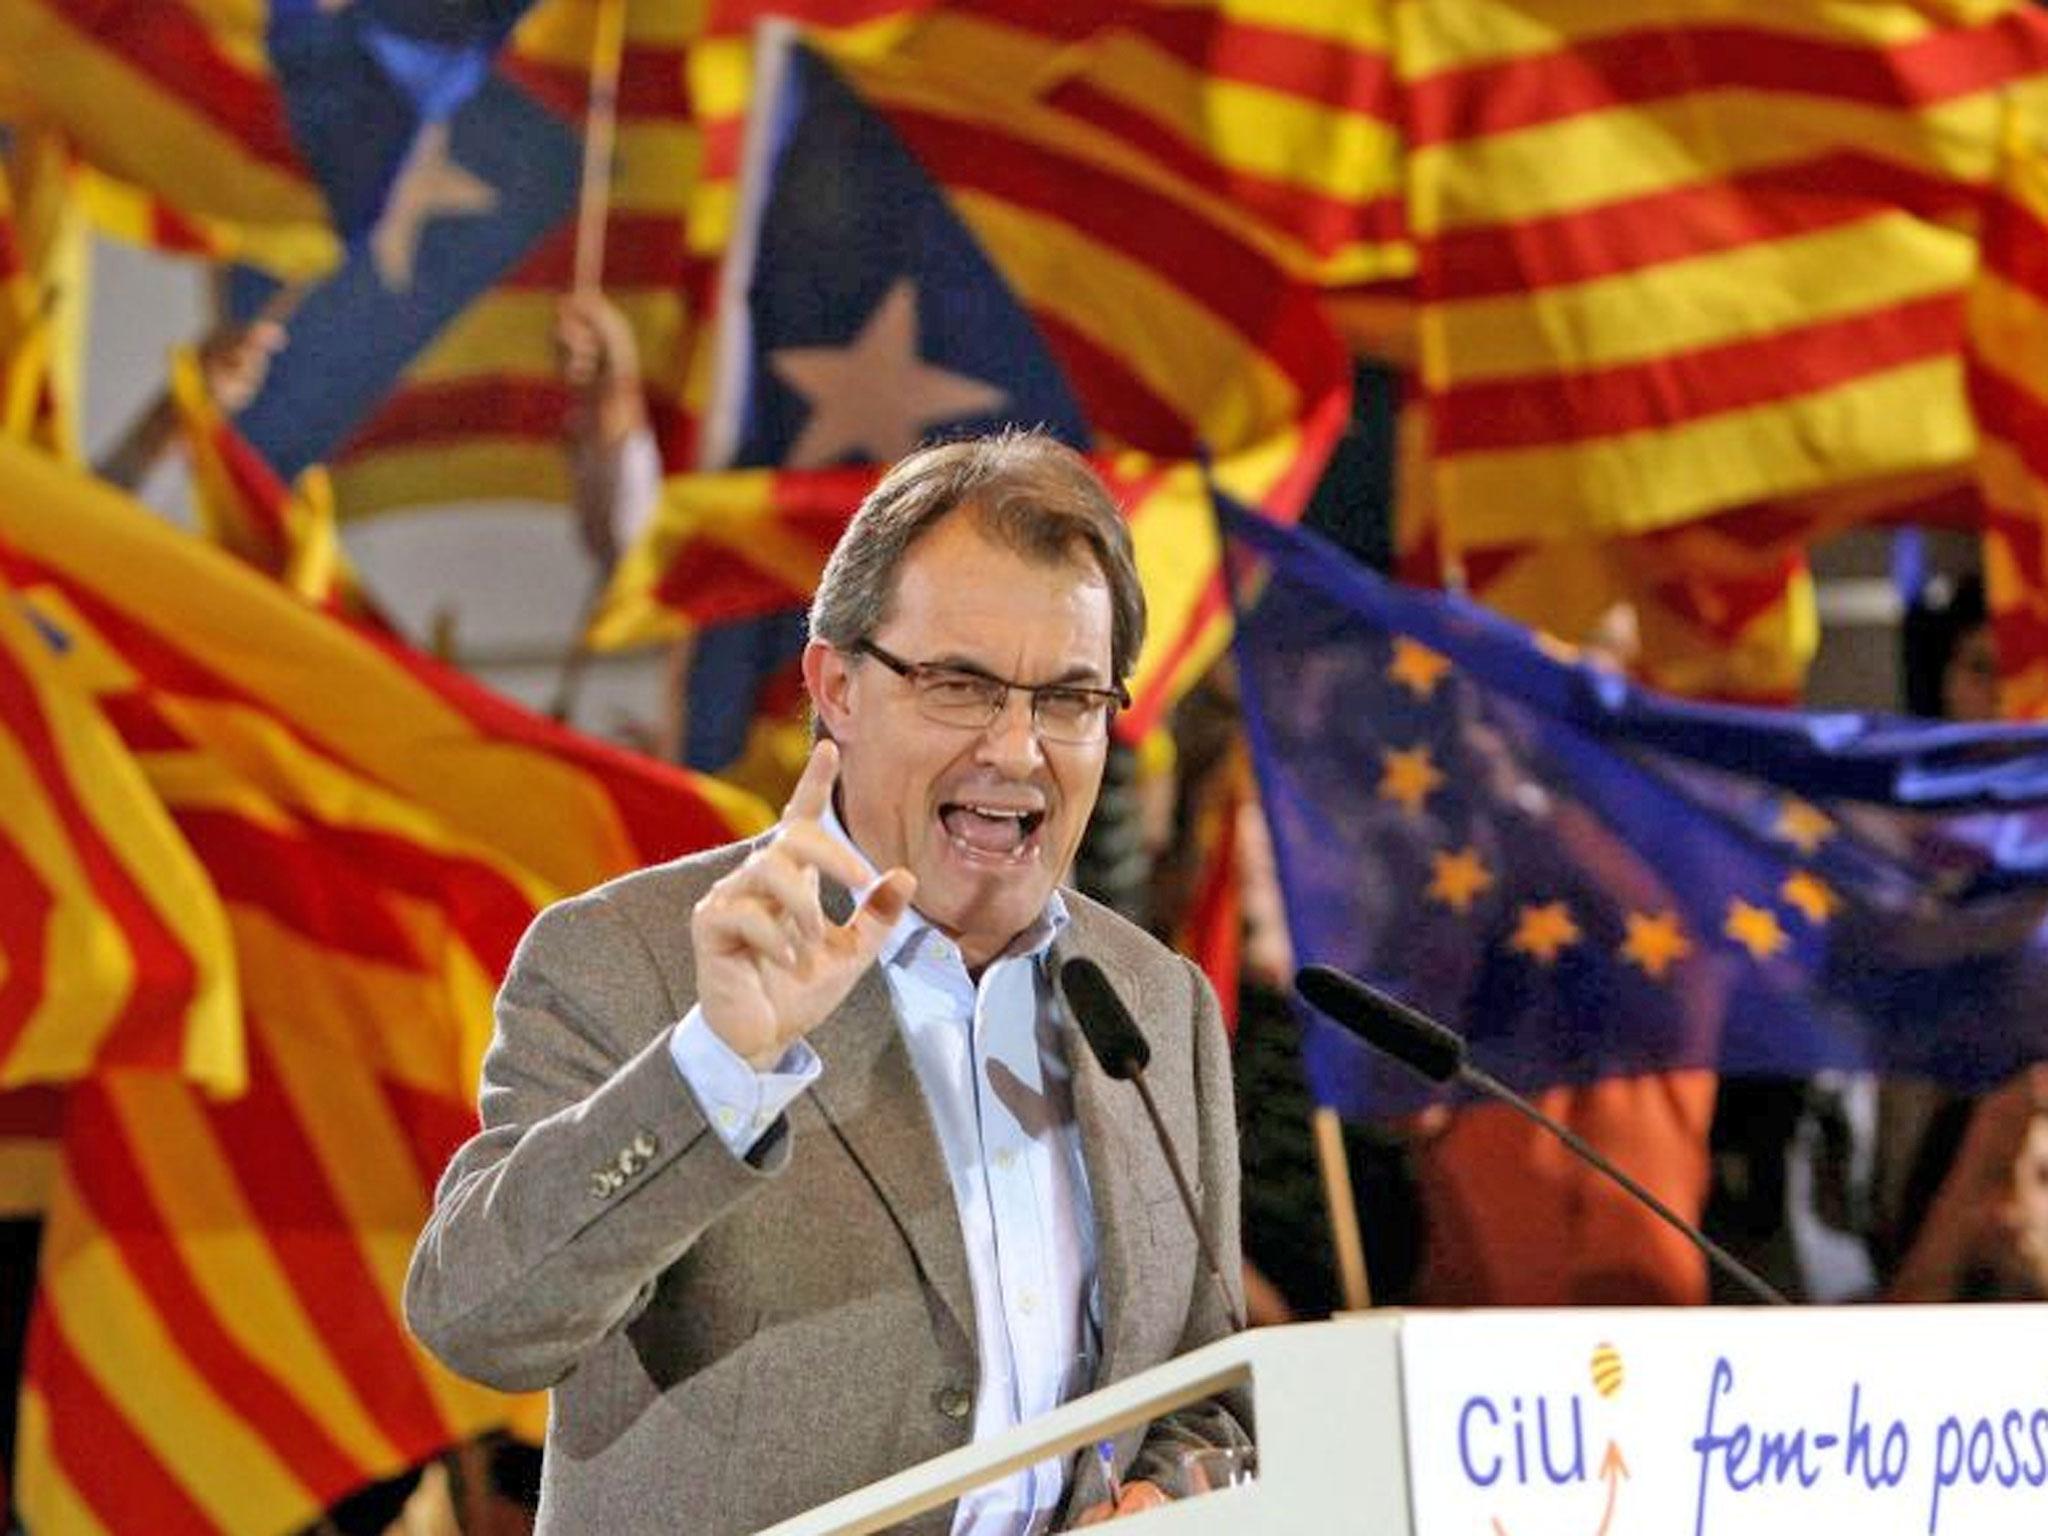 Artur Mas, presidente uscente del governo catalano e respinto dalla CUP per il prossimo governo (www.eunews.it)